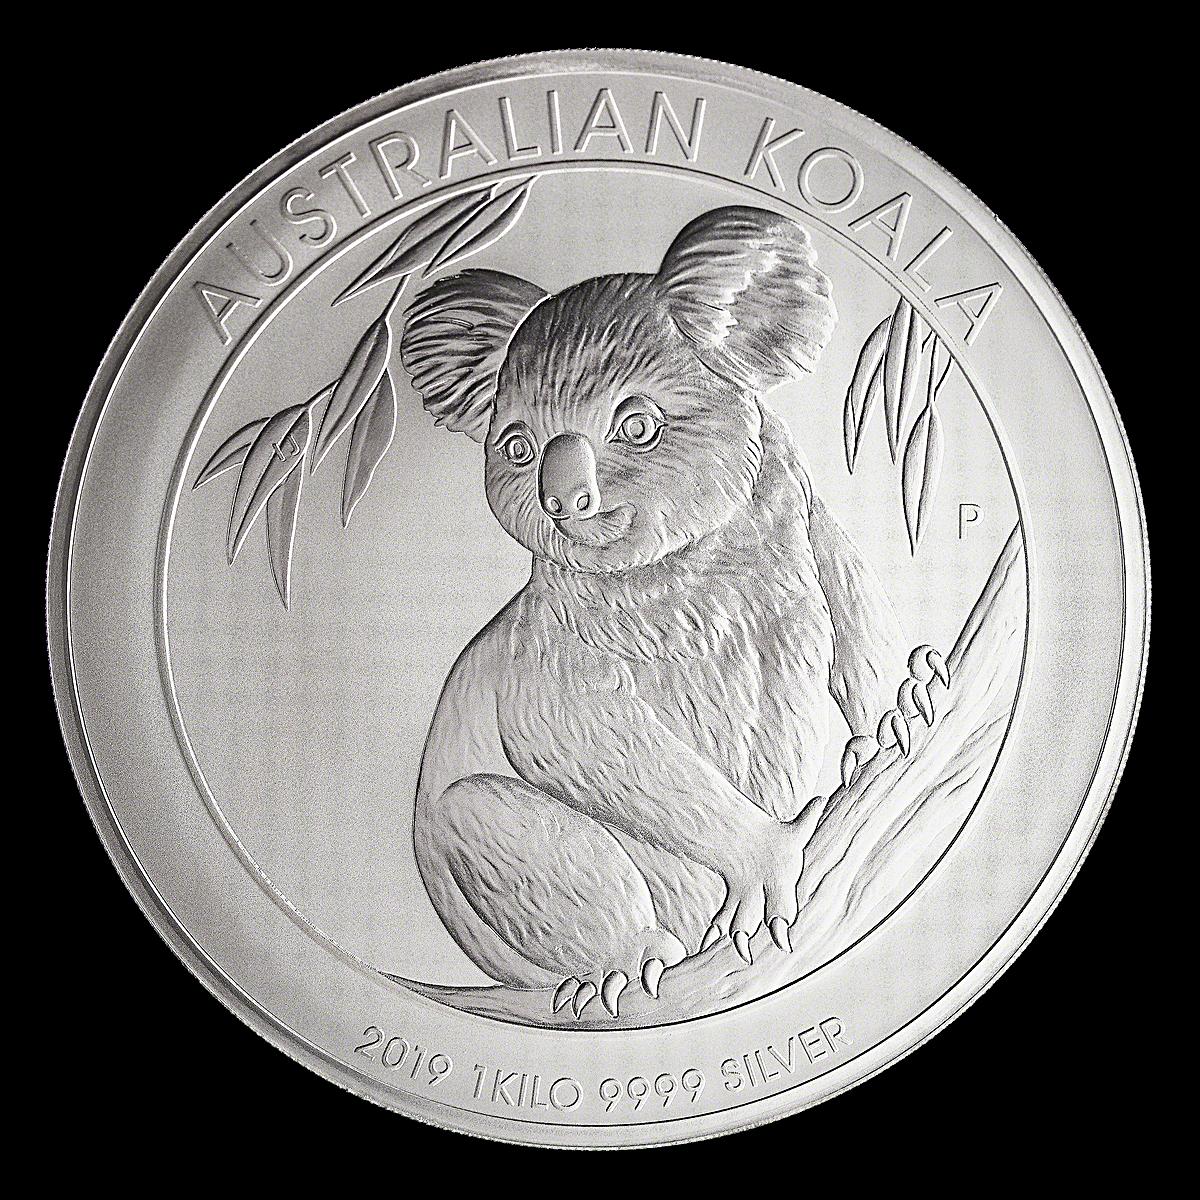 Australian Silver Koala 2019 - 1 Kg